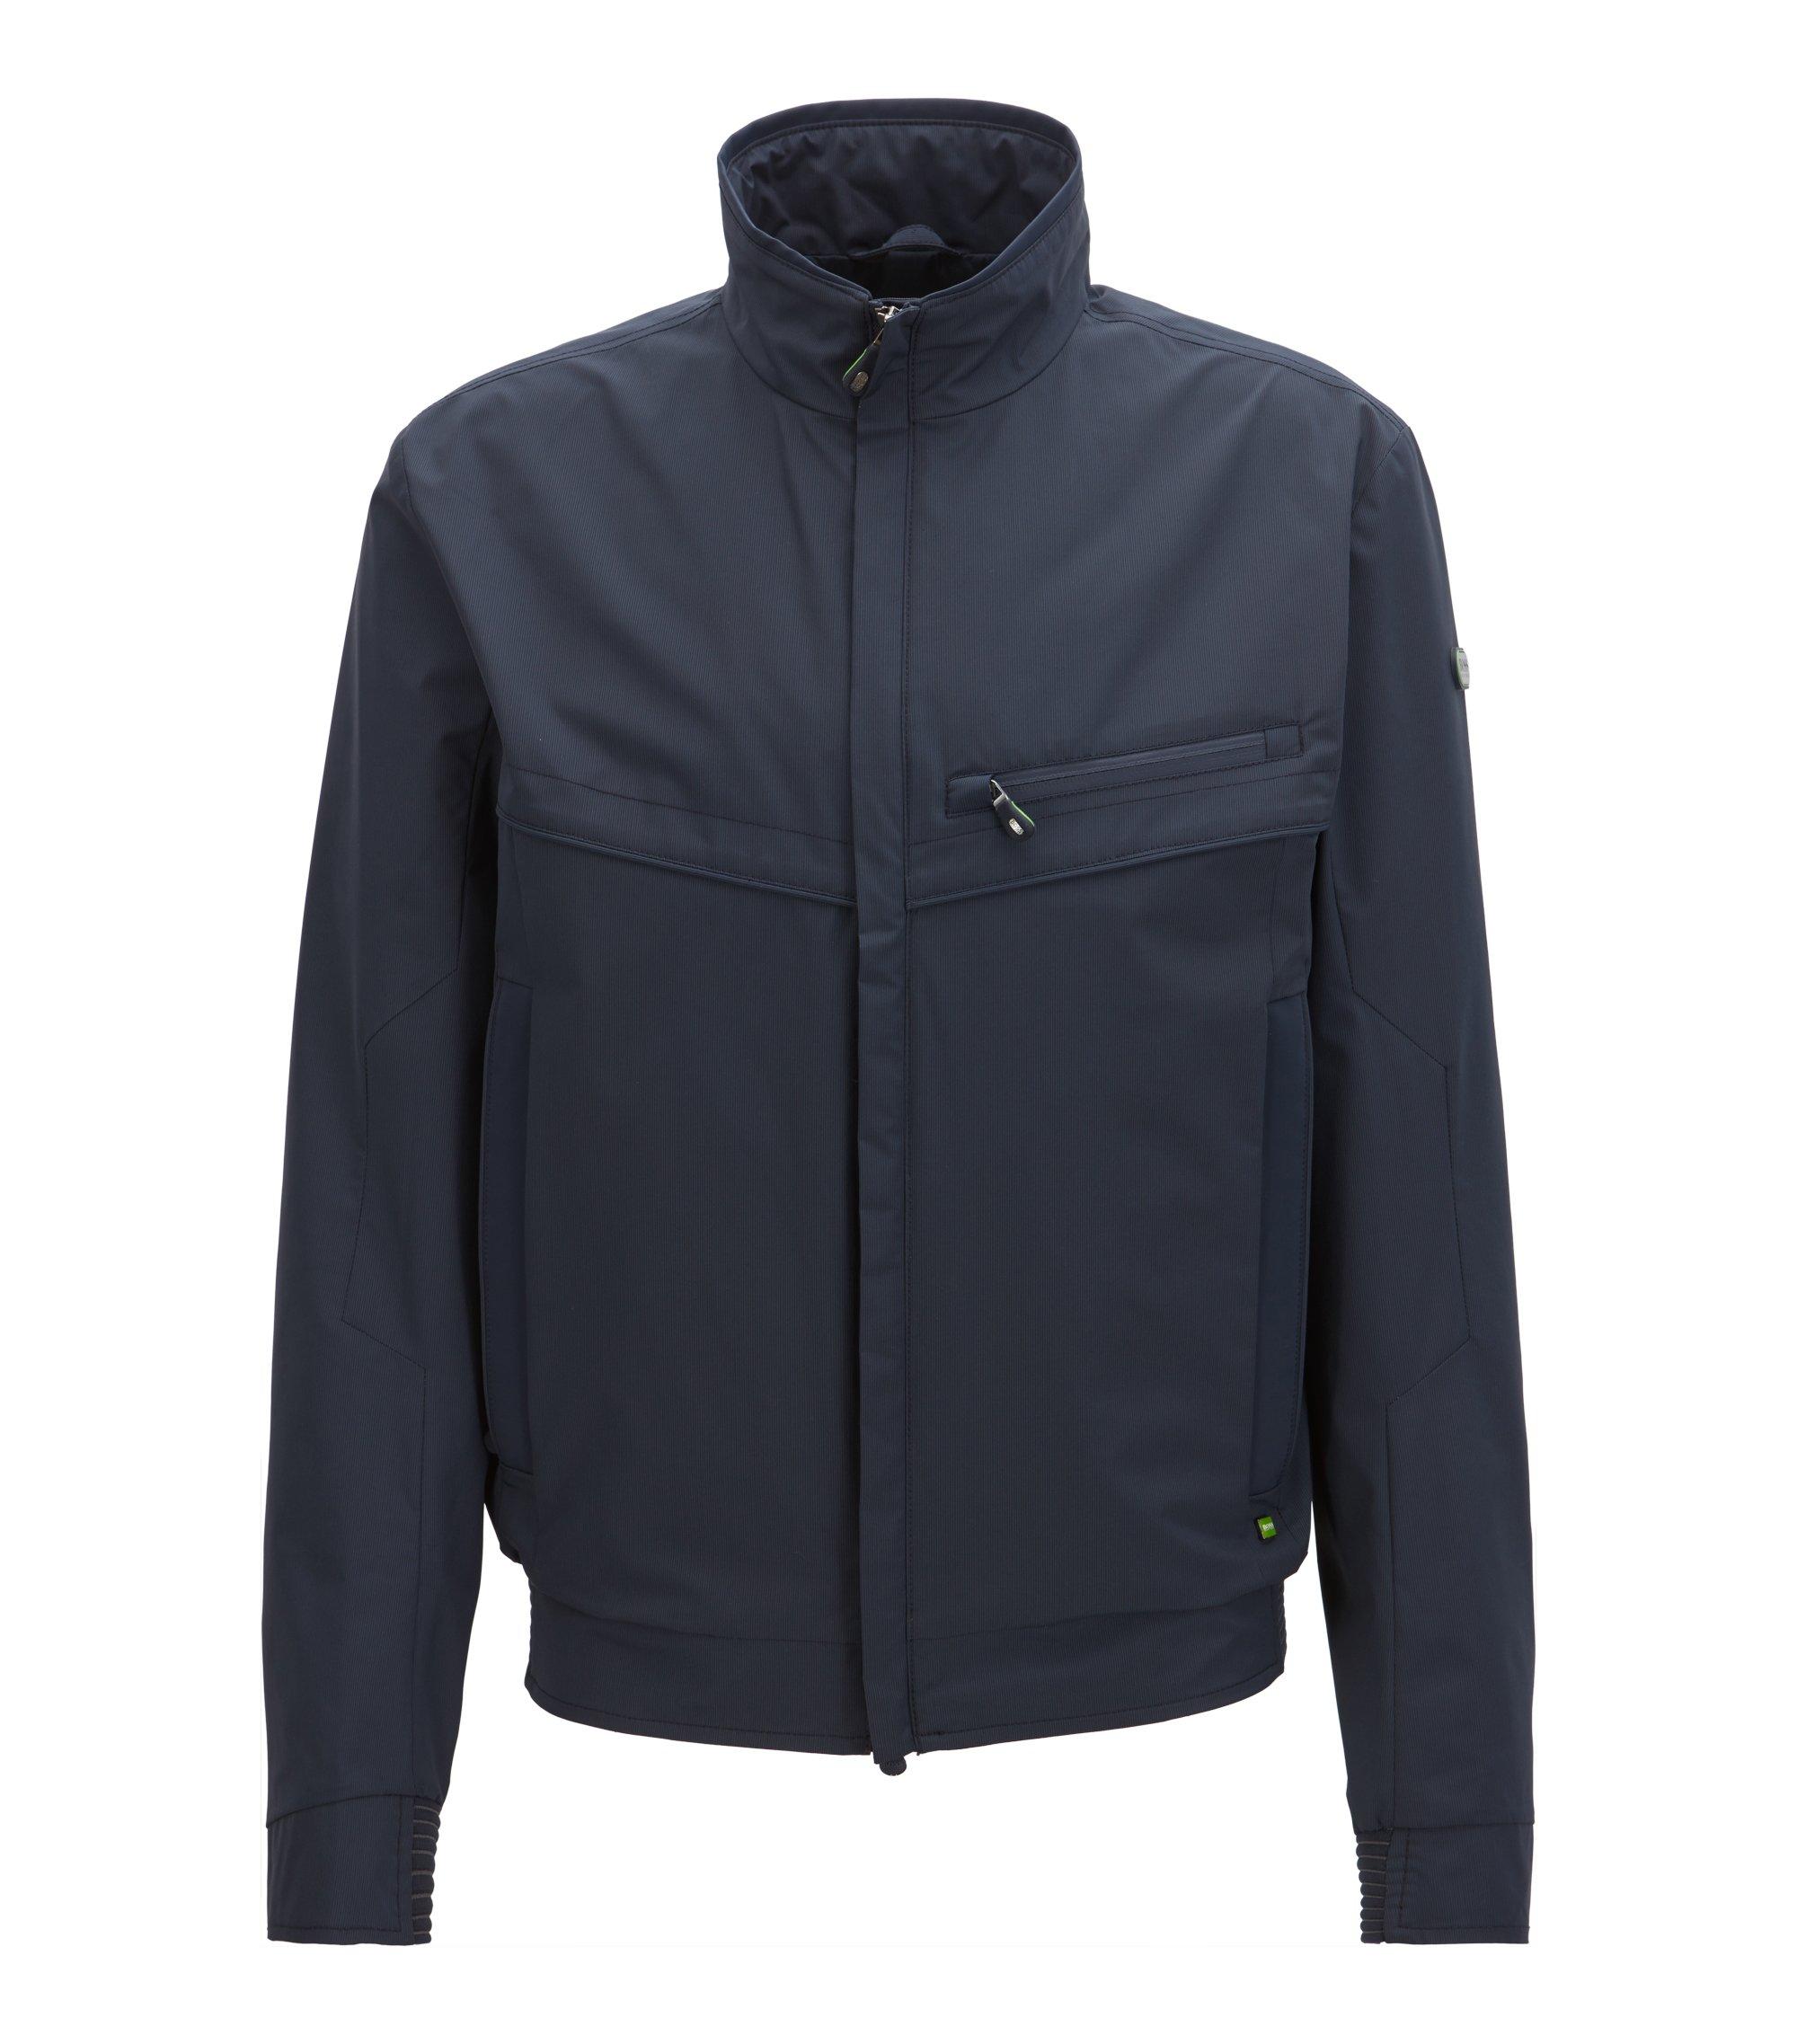 Wasserabweisende Jacke mit Reißverschluss, Dunkelblau